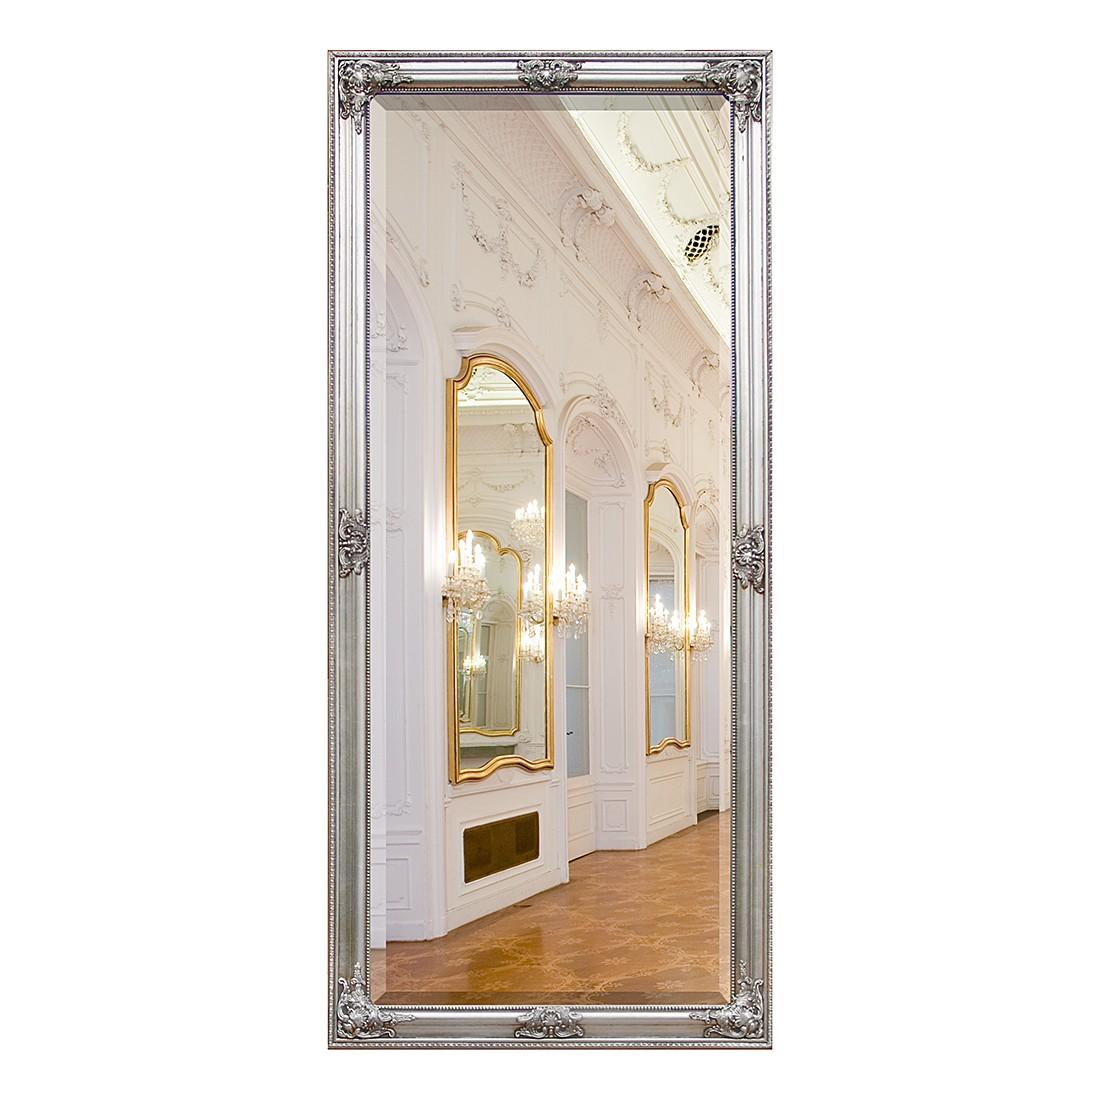 Spiegel mit rahmen silber sonstige preisvergleiche for Spiegel suche